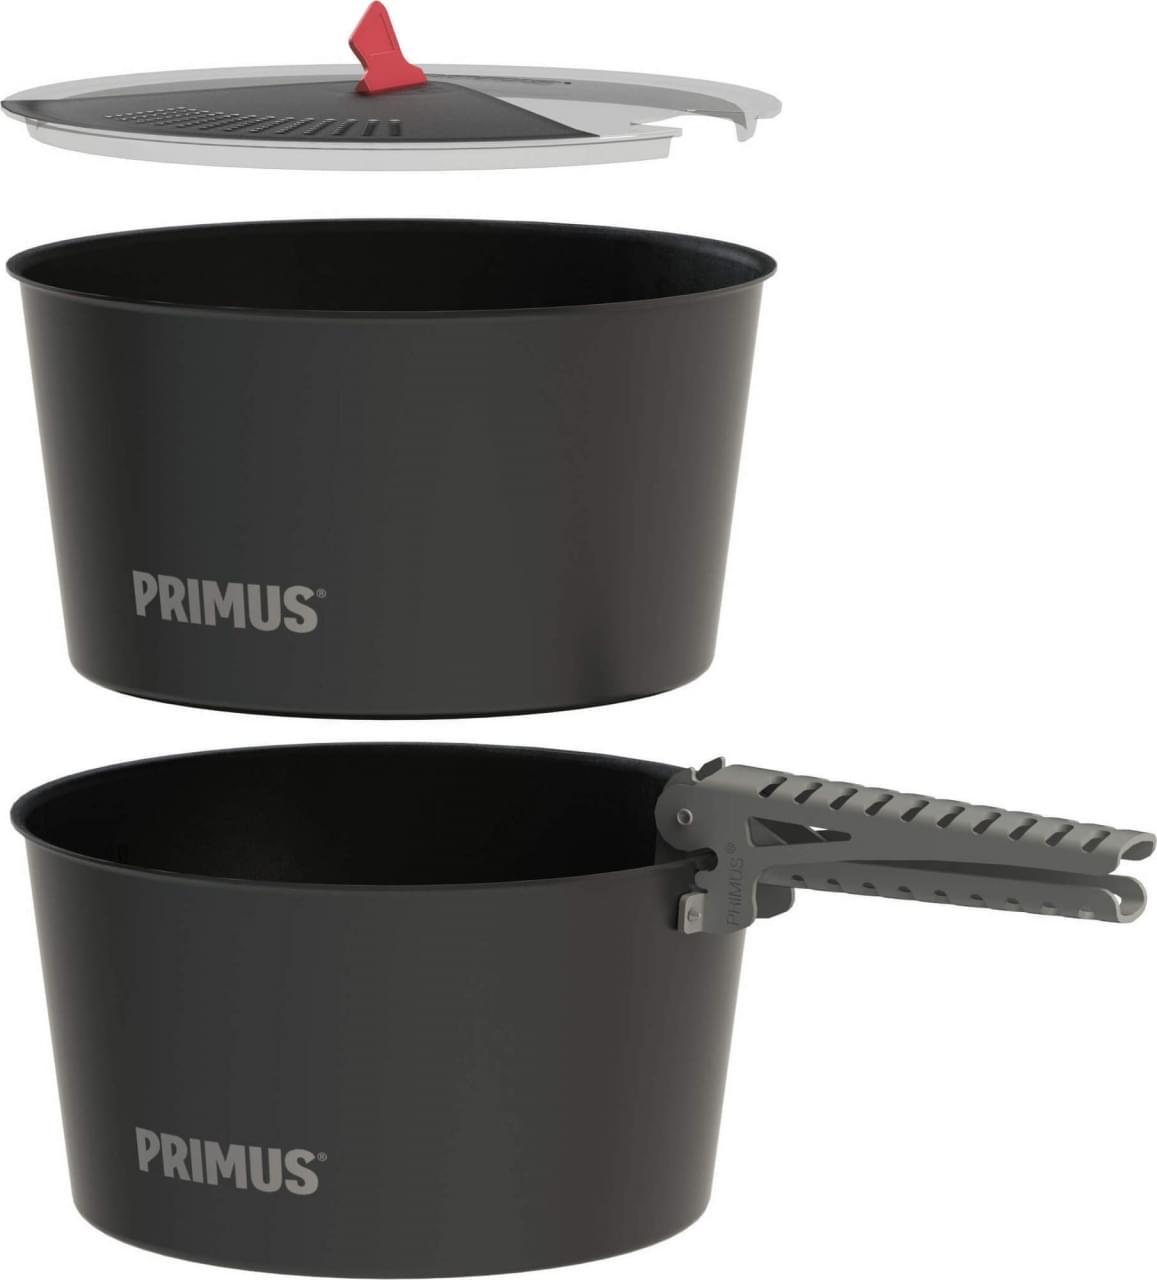 Primus LiTech Pot Set 2.3L